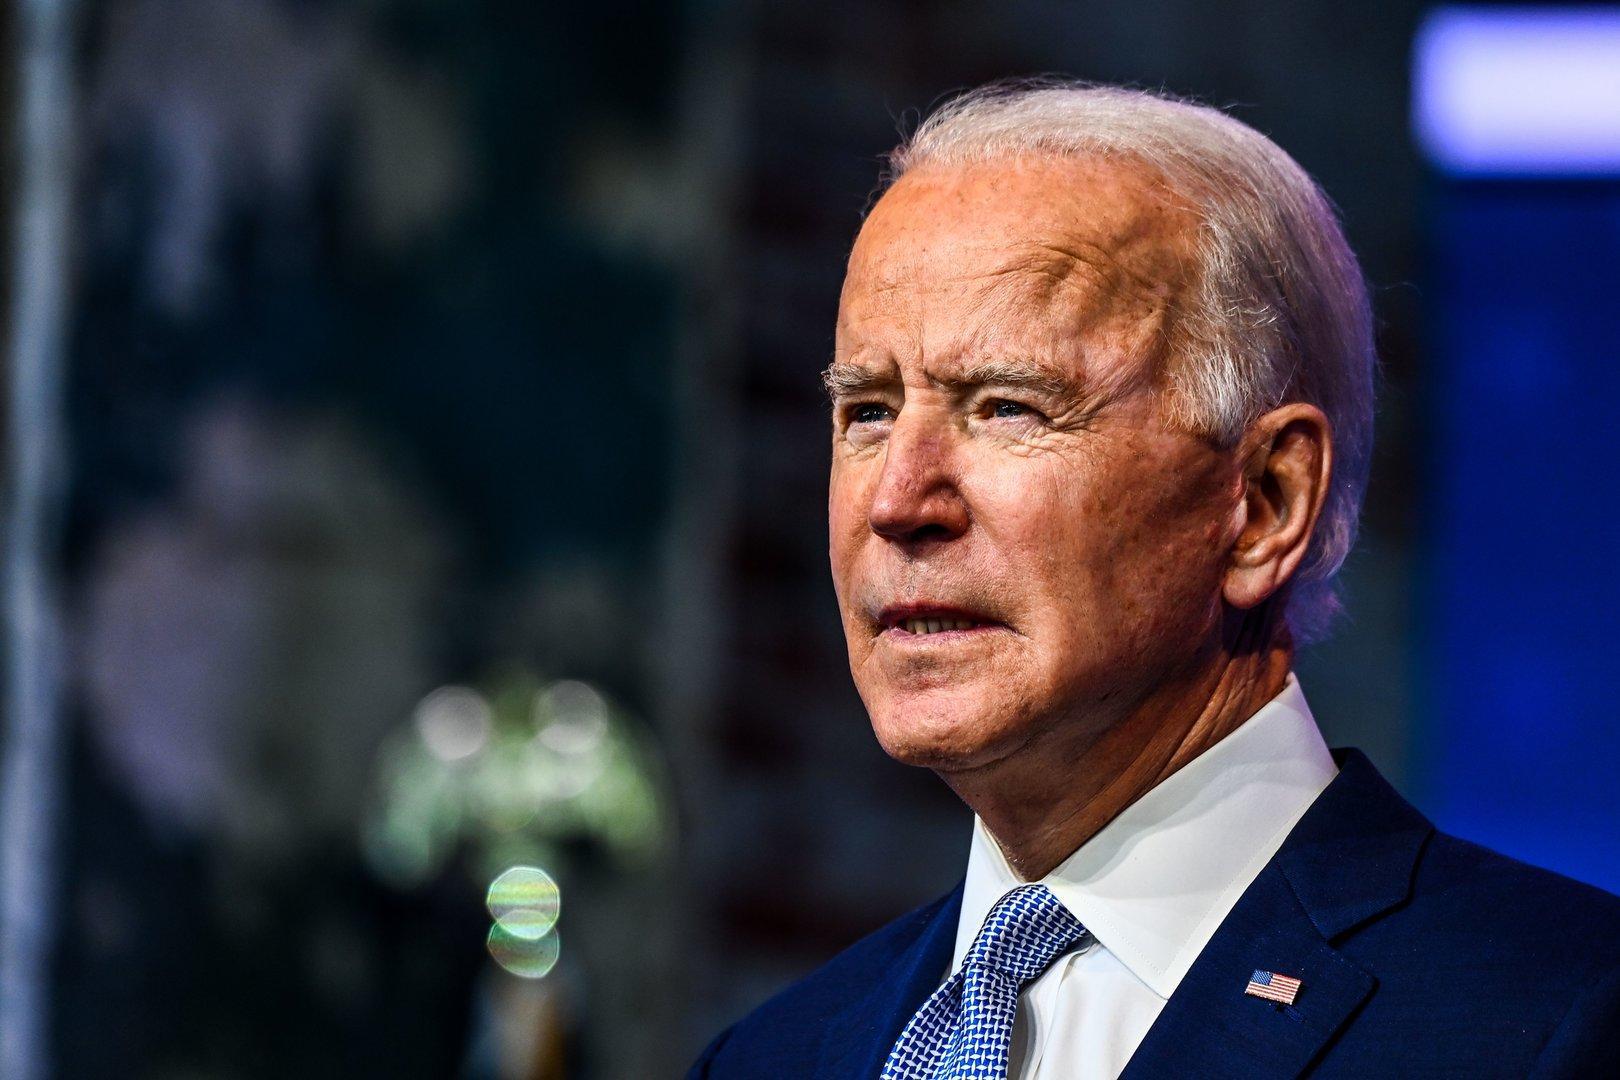 Biden warnt Amerikaner vor vielen weiteren Corona-Toten